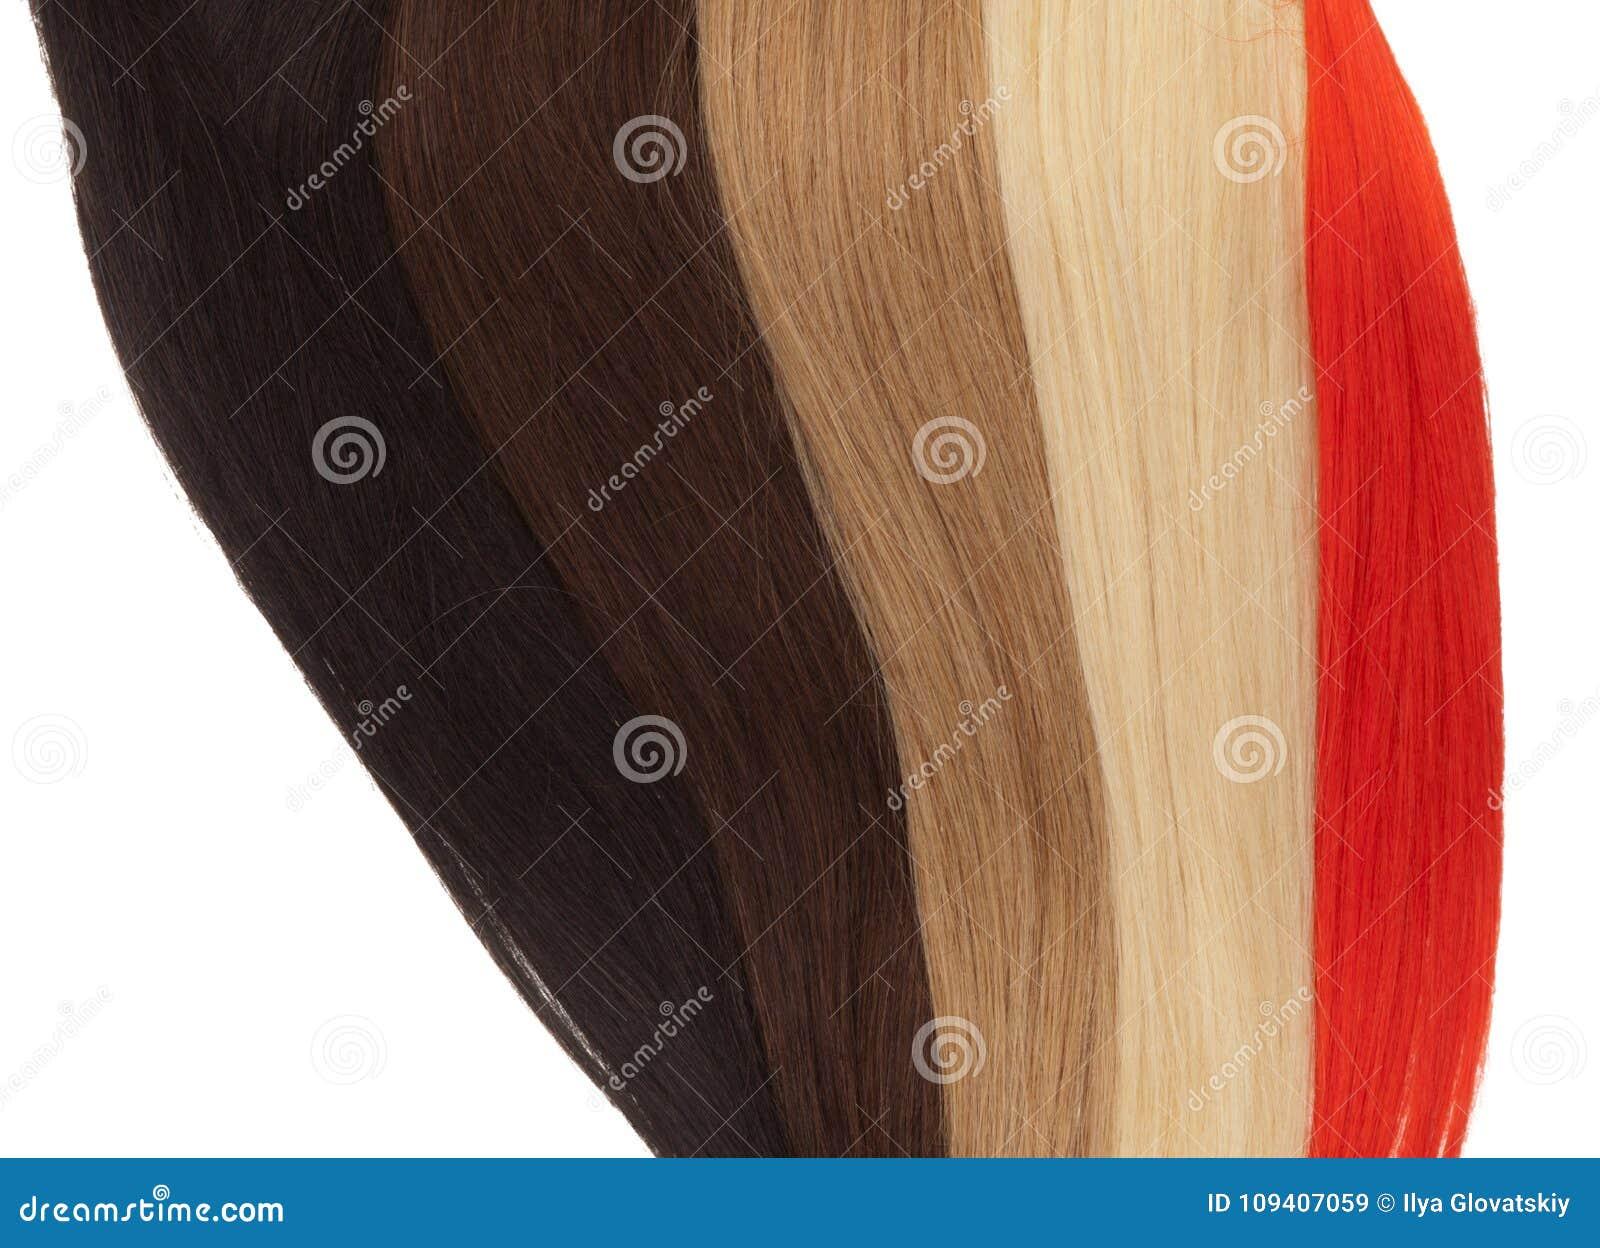 Beeld van de remy uitbreidingen van het vrouwen` s haar in verschillende kleuren